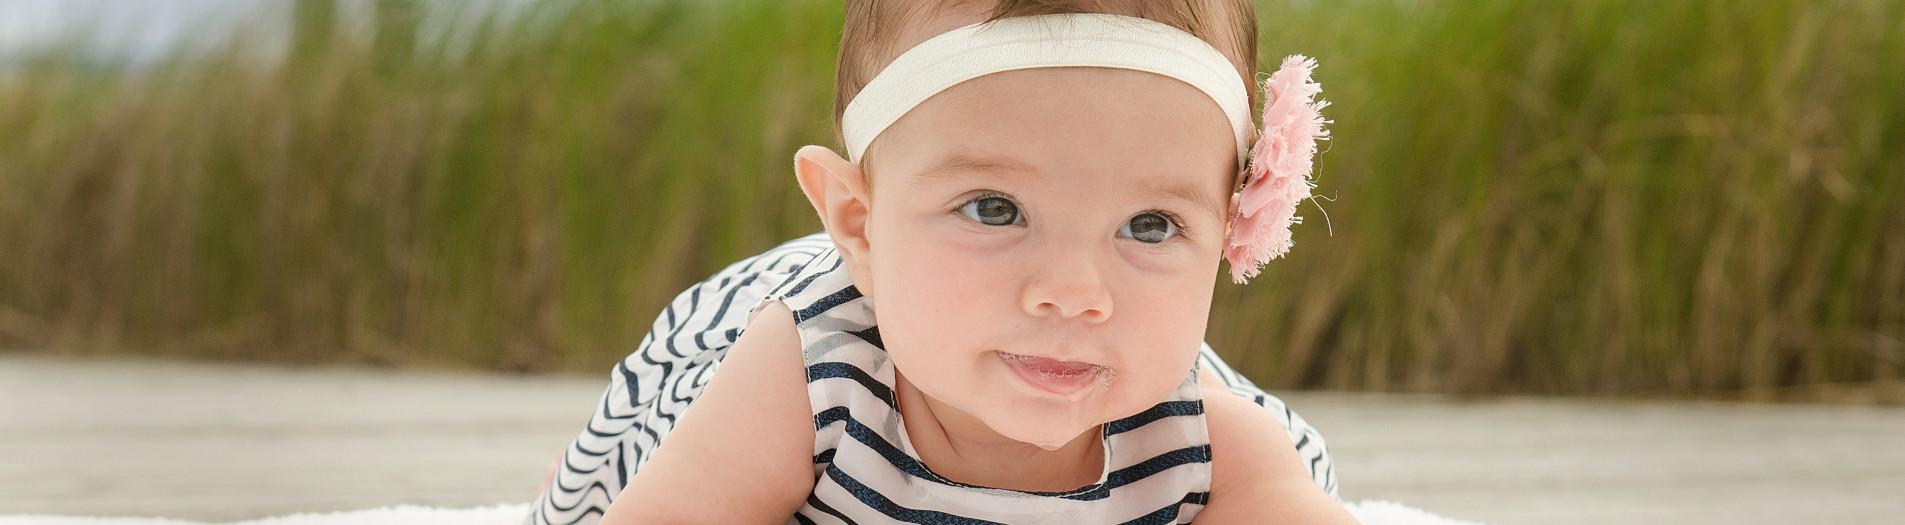 Child Photography | Lewes, DE | Wilmington, DE | Baby A.